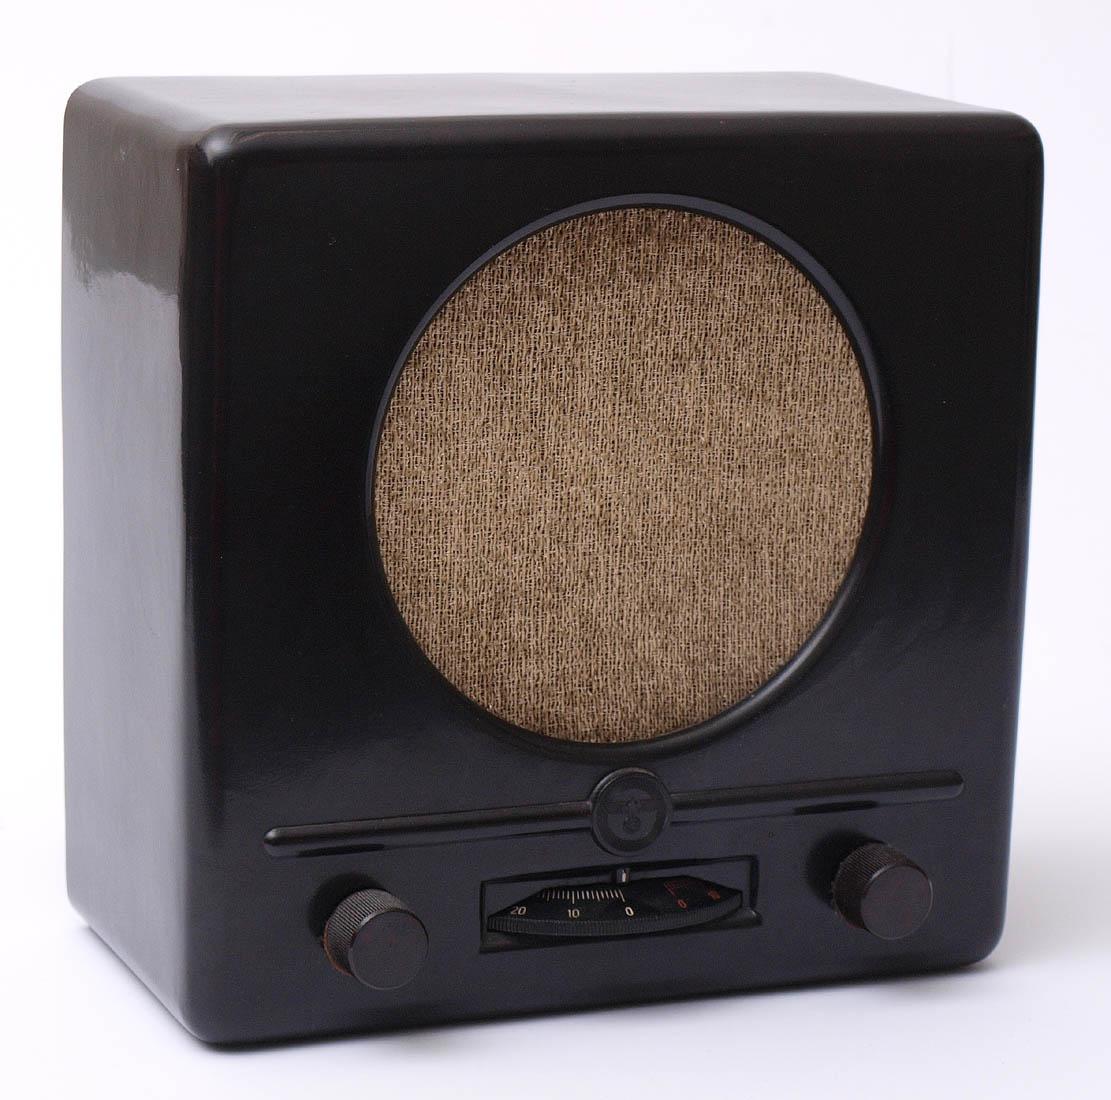 Los 10 - Deutscher Kleinempfänger, Modell GW110, 1938 Rundfunktechnische Erzeugergemeinschaft. Originales